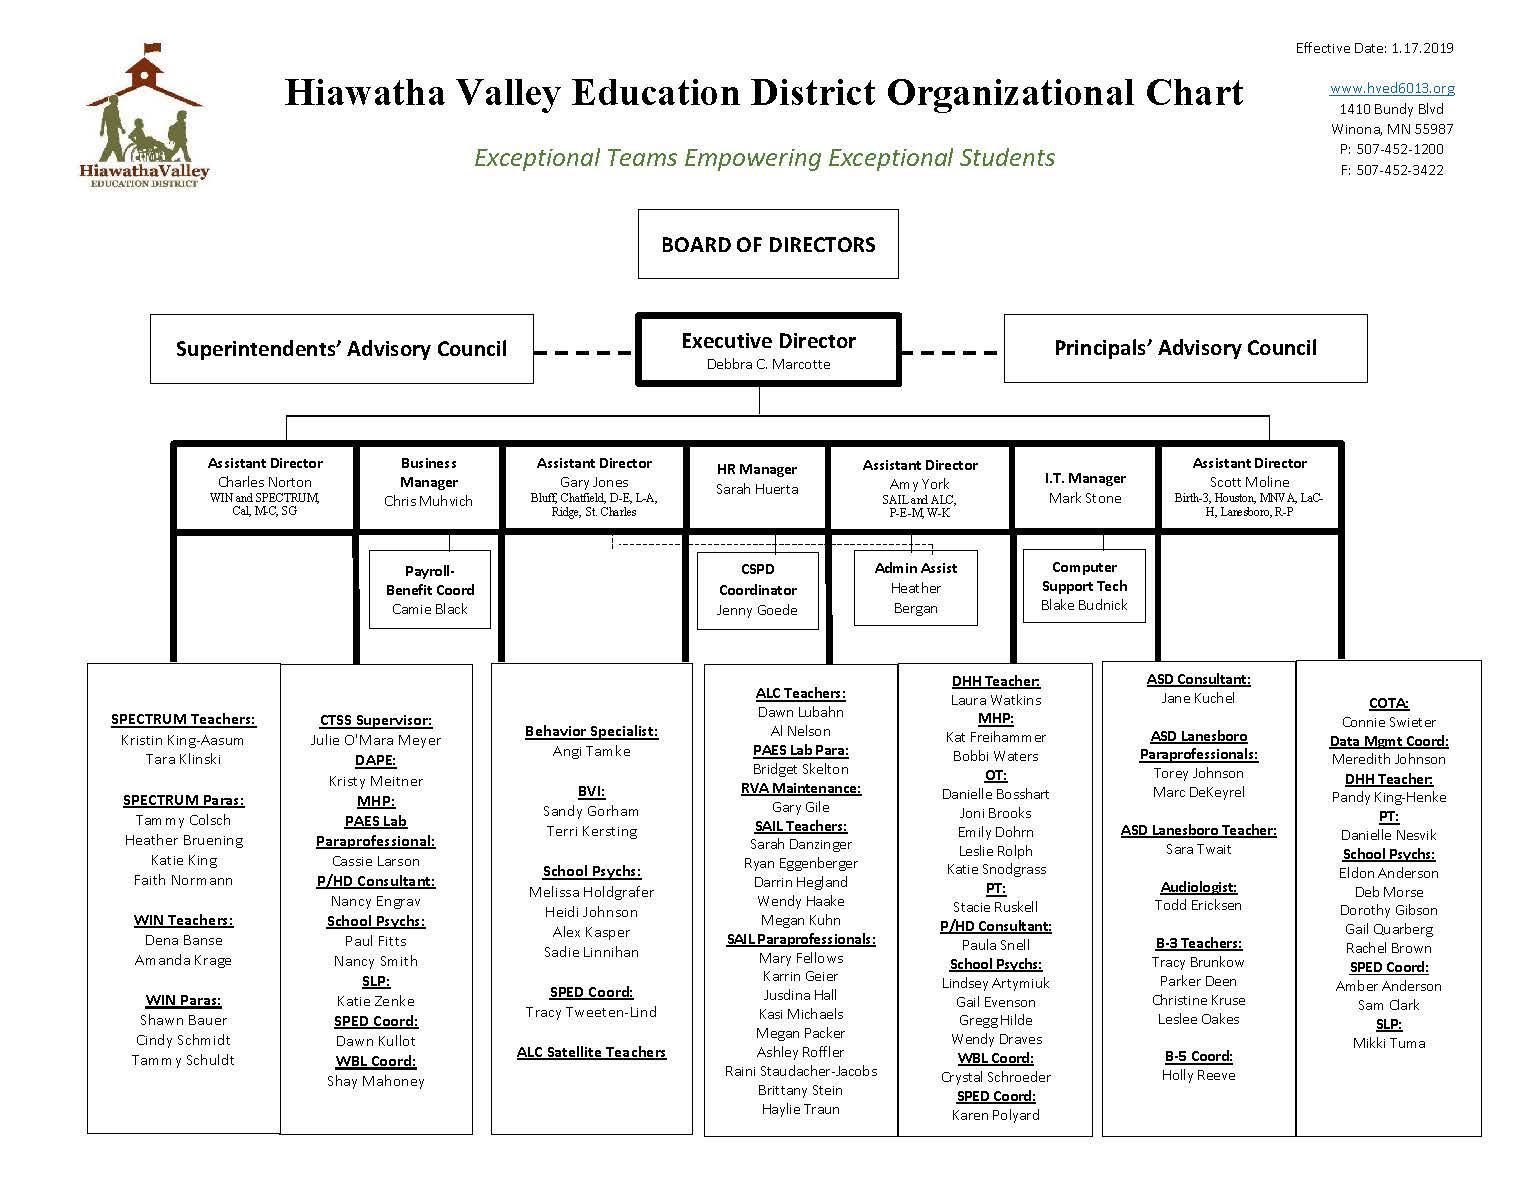 HVED Org Chart 1.18.2019